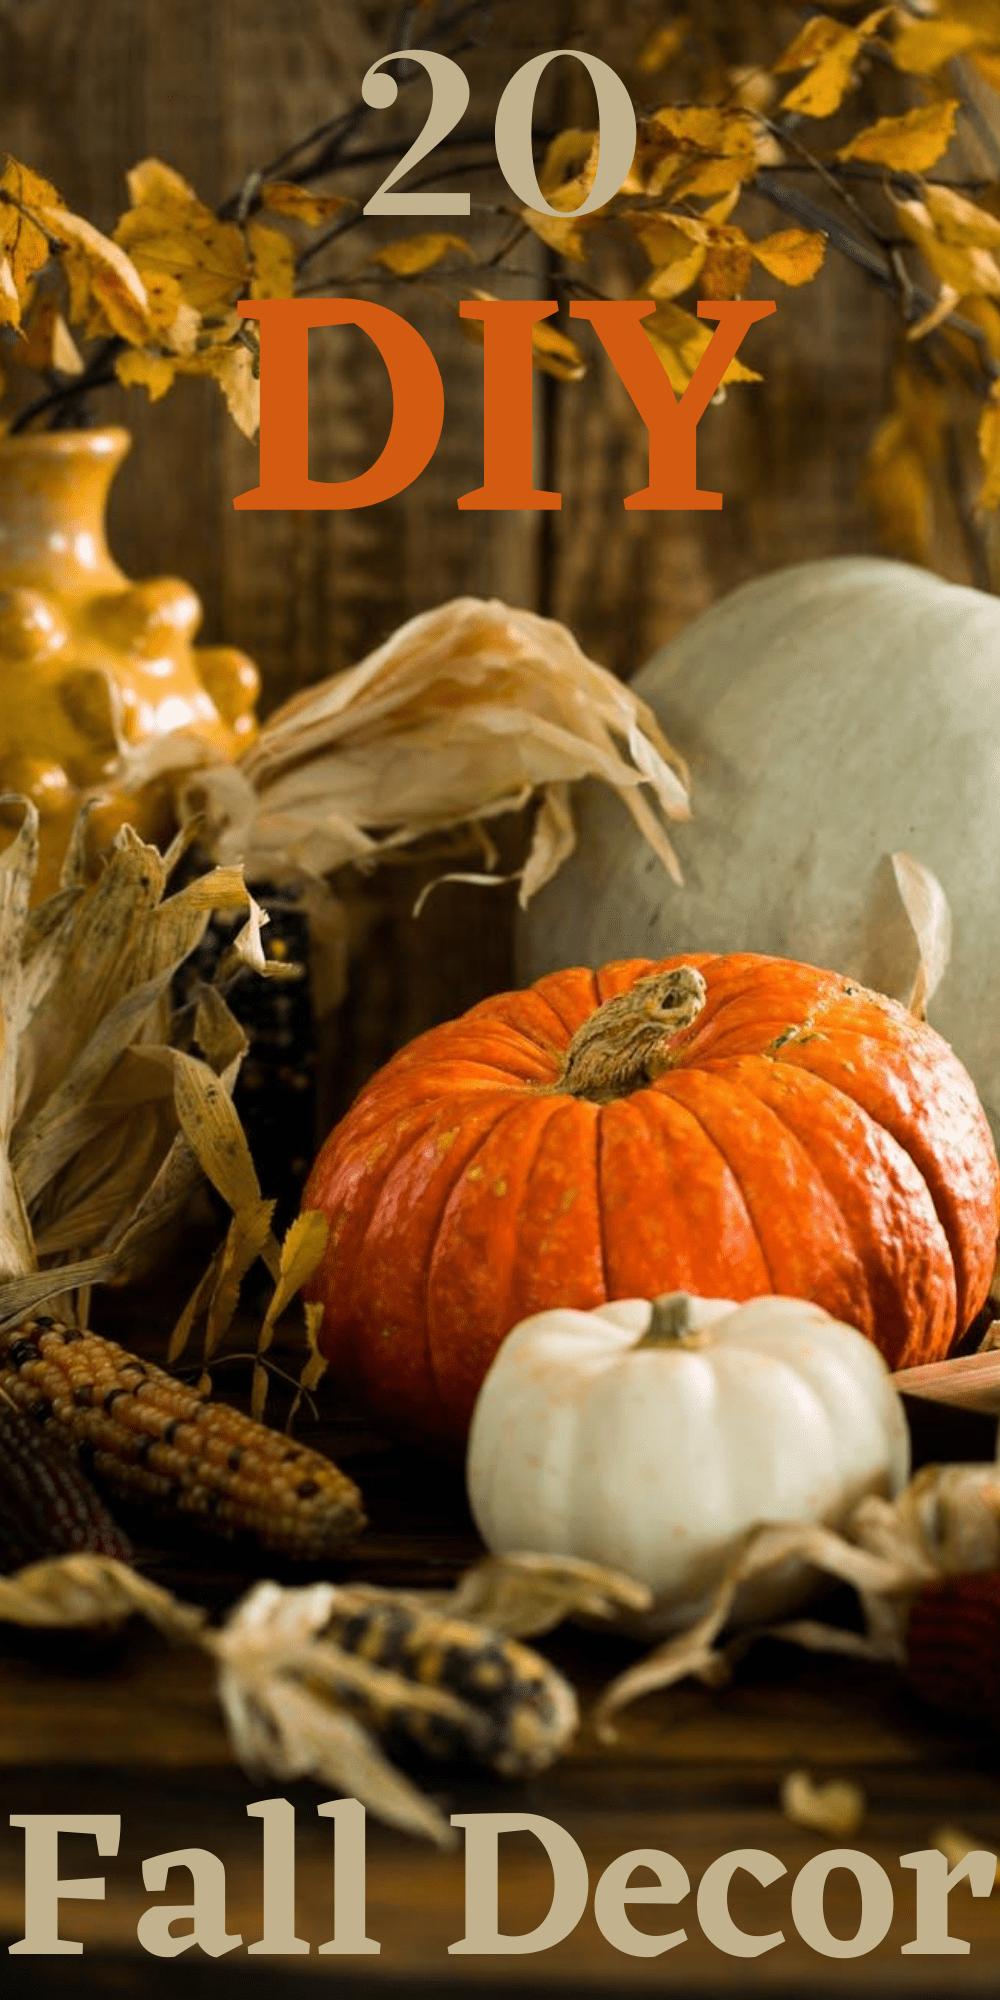 20 DIY Fall Decor